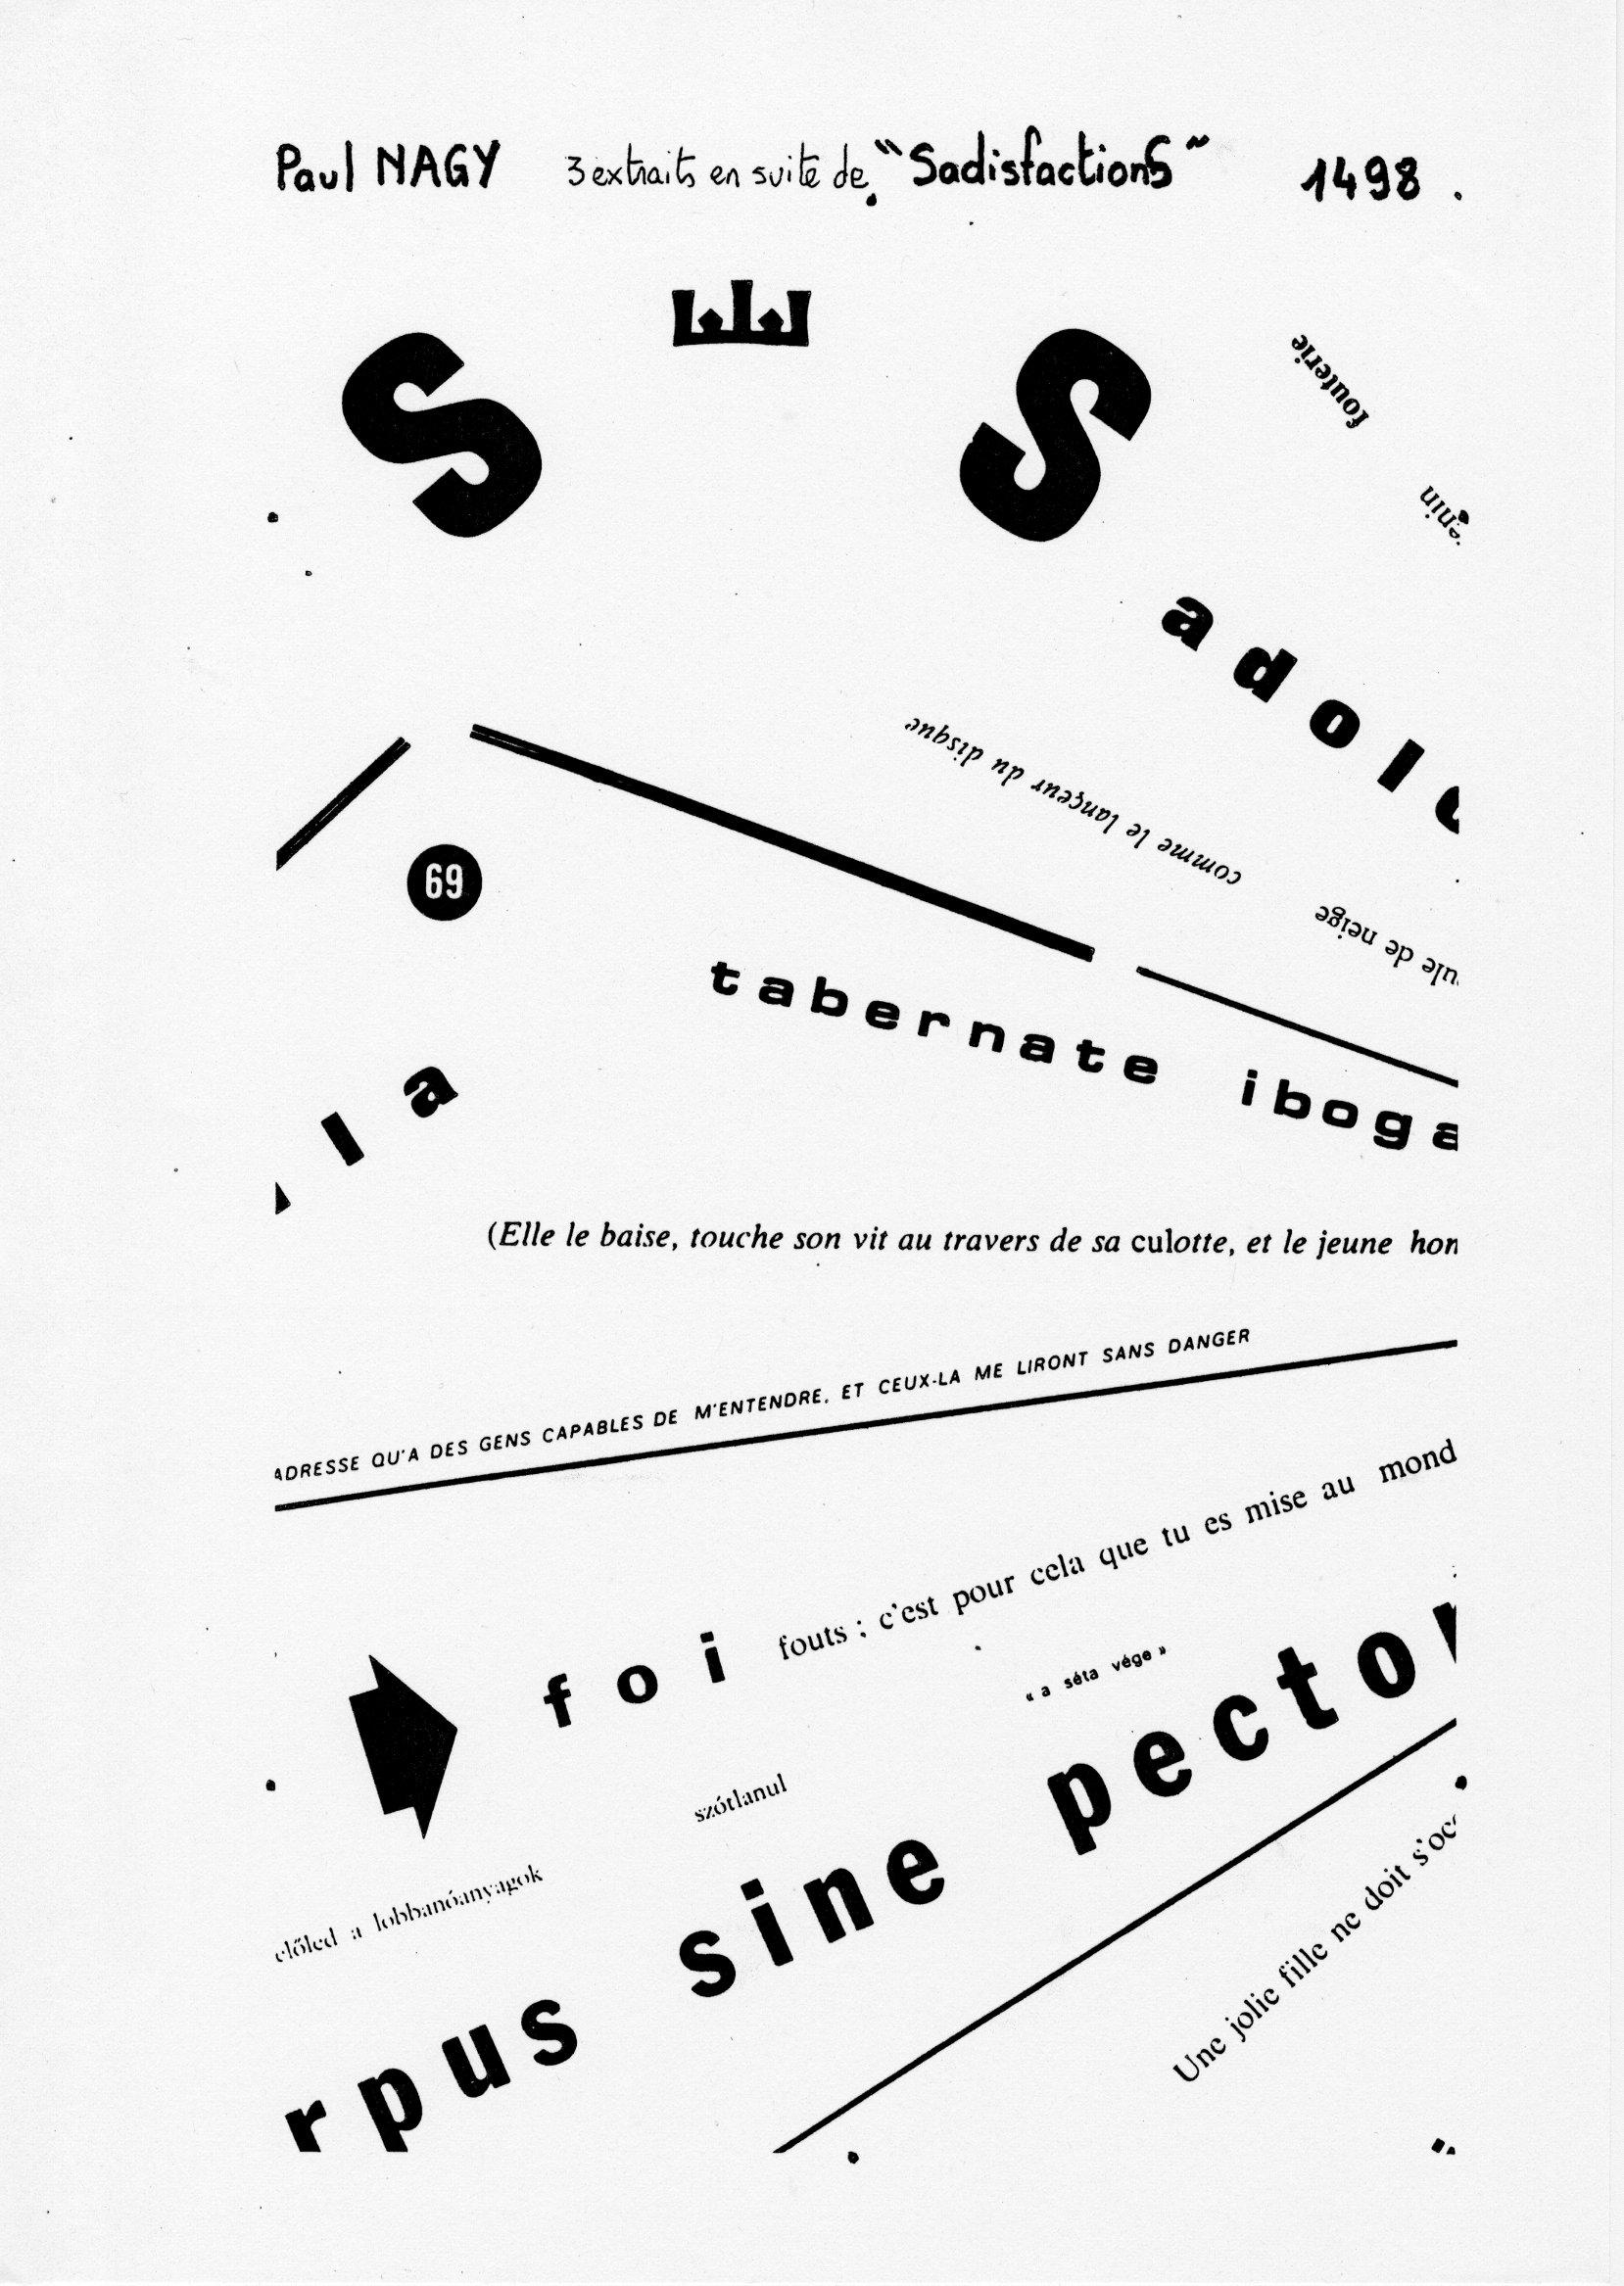 page 1498 P. Nagy 3 extraits en suite de SadisfactionS